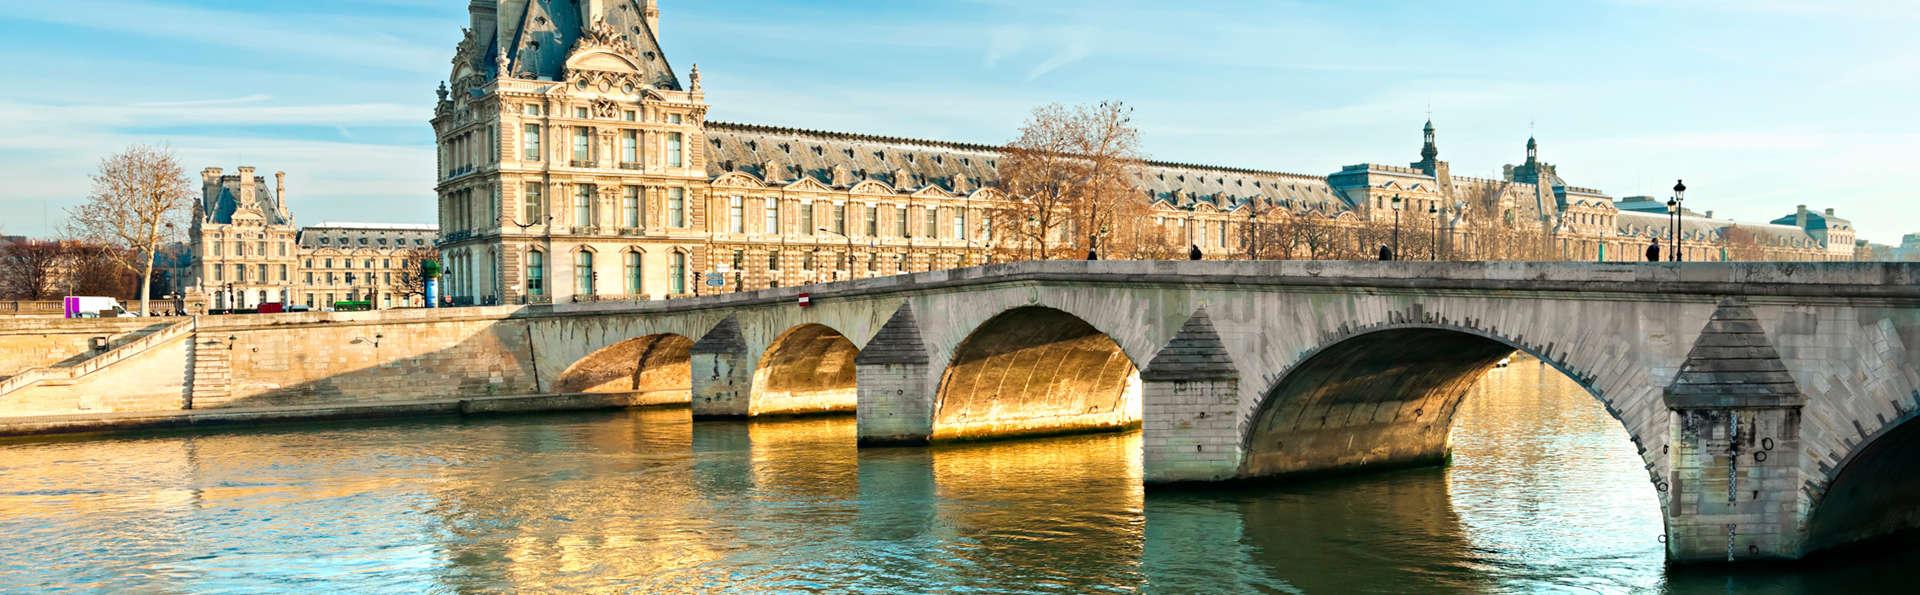 Séjour 4* en bord de Seine aux portes de Bercy Village